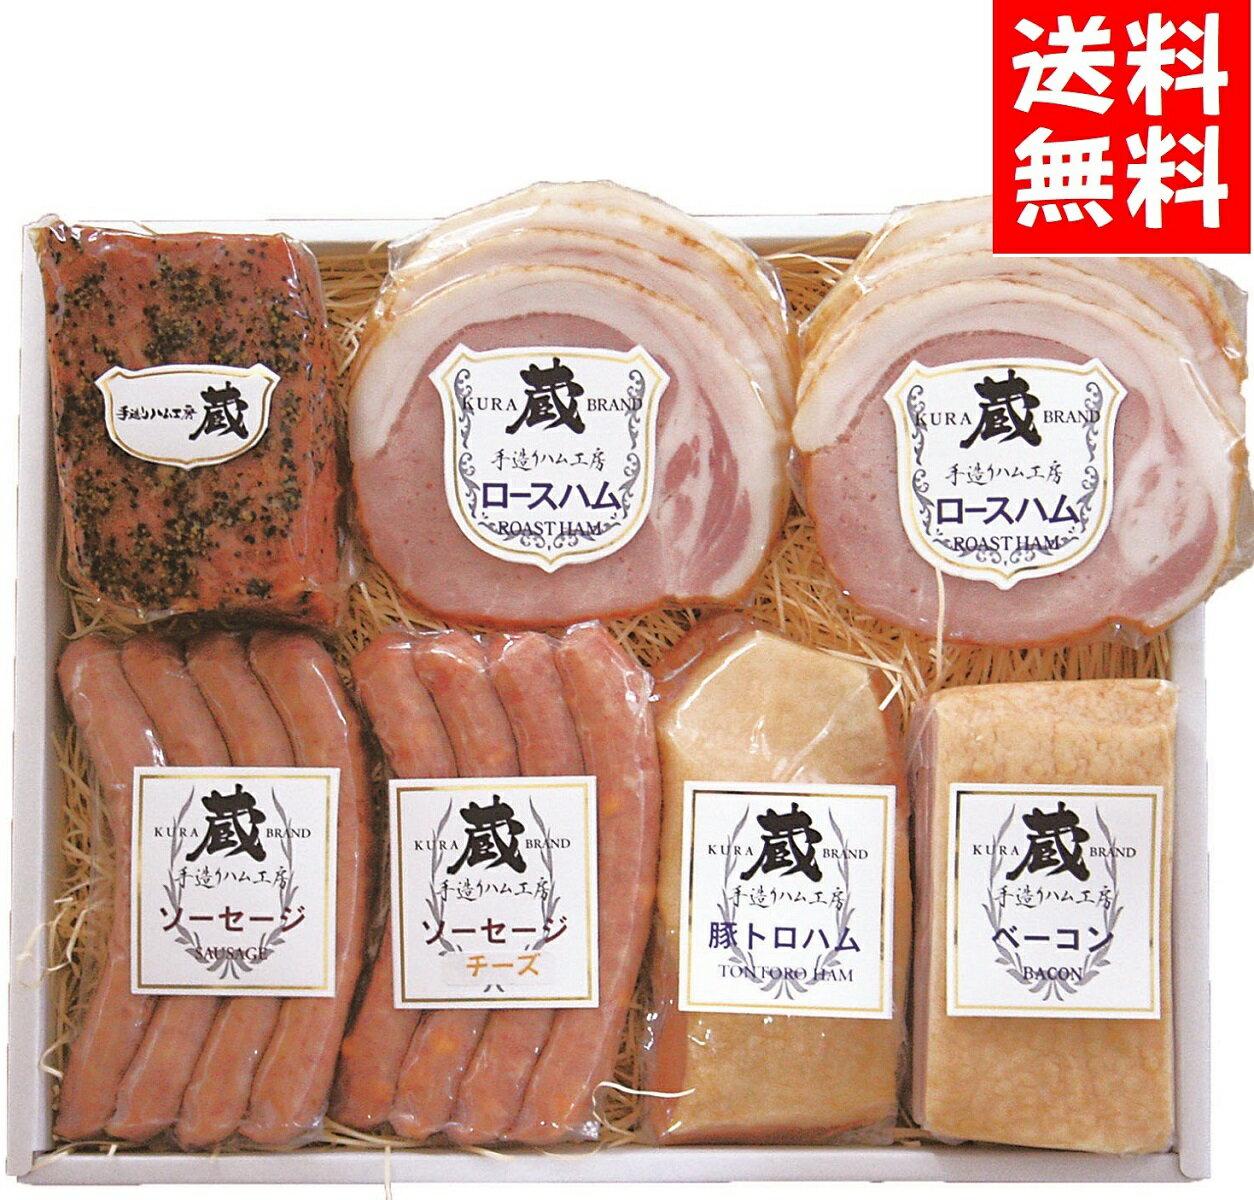 手造りハム工房蔵 A14   ベーコン・豚トロ・ロース・ボンレス・チーズ・ポーク100